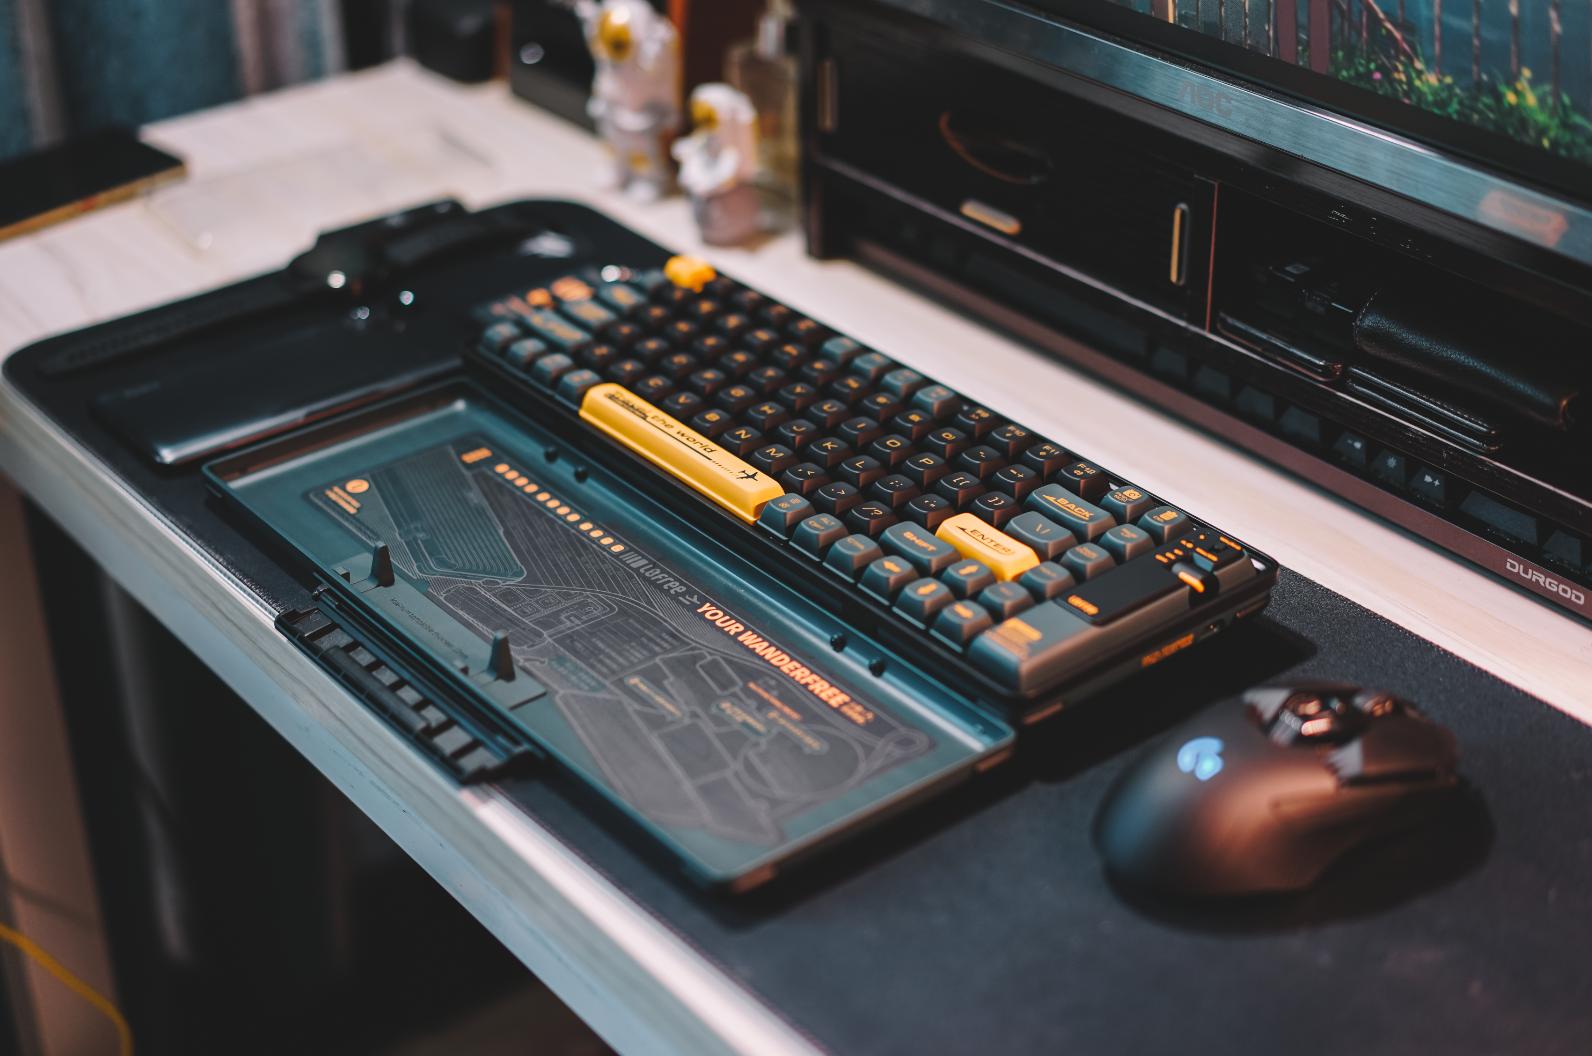 图片[16]-以浪为名,Lofree洛斐小浪蓝牙机械键盘适合外出携带的小机械键盘-G-Suite